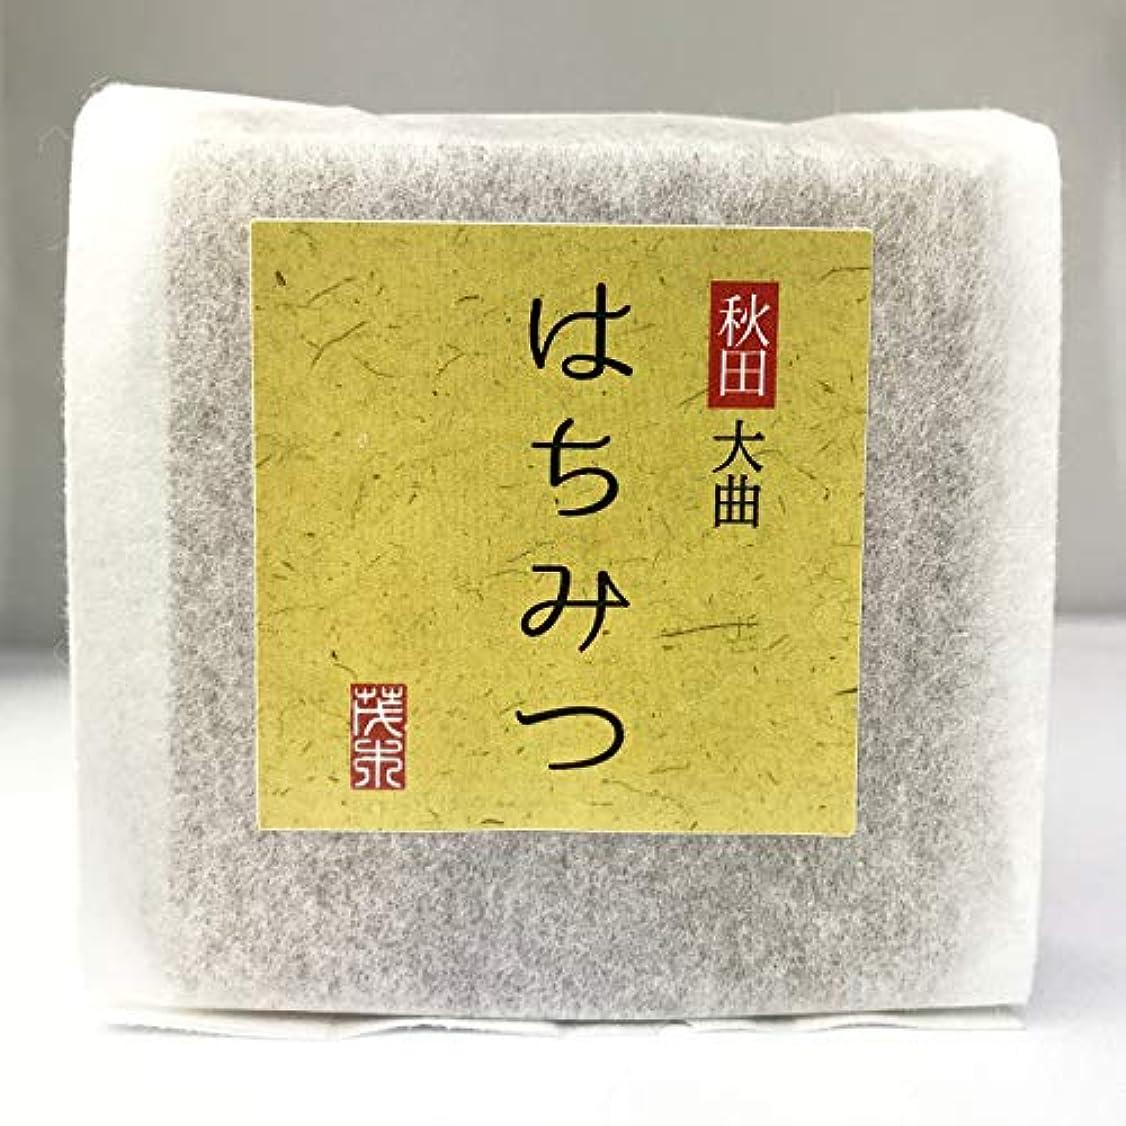 うまれたサイレントウェイド無添加石鹸 はちみつ石鹸 100g